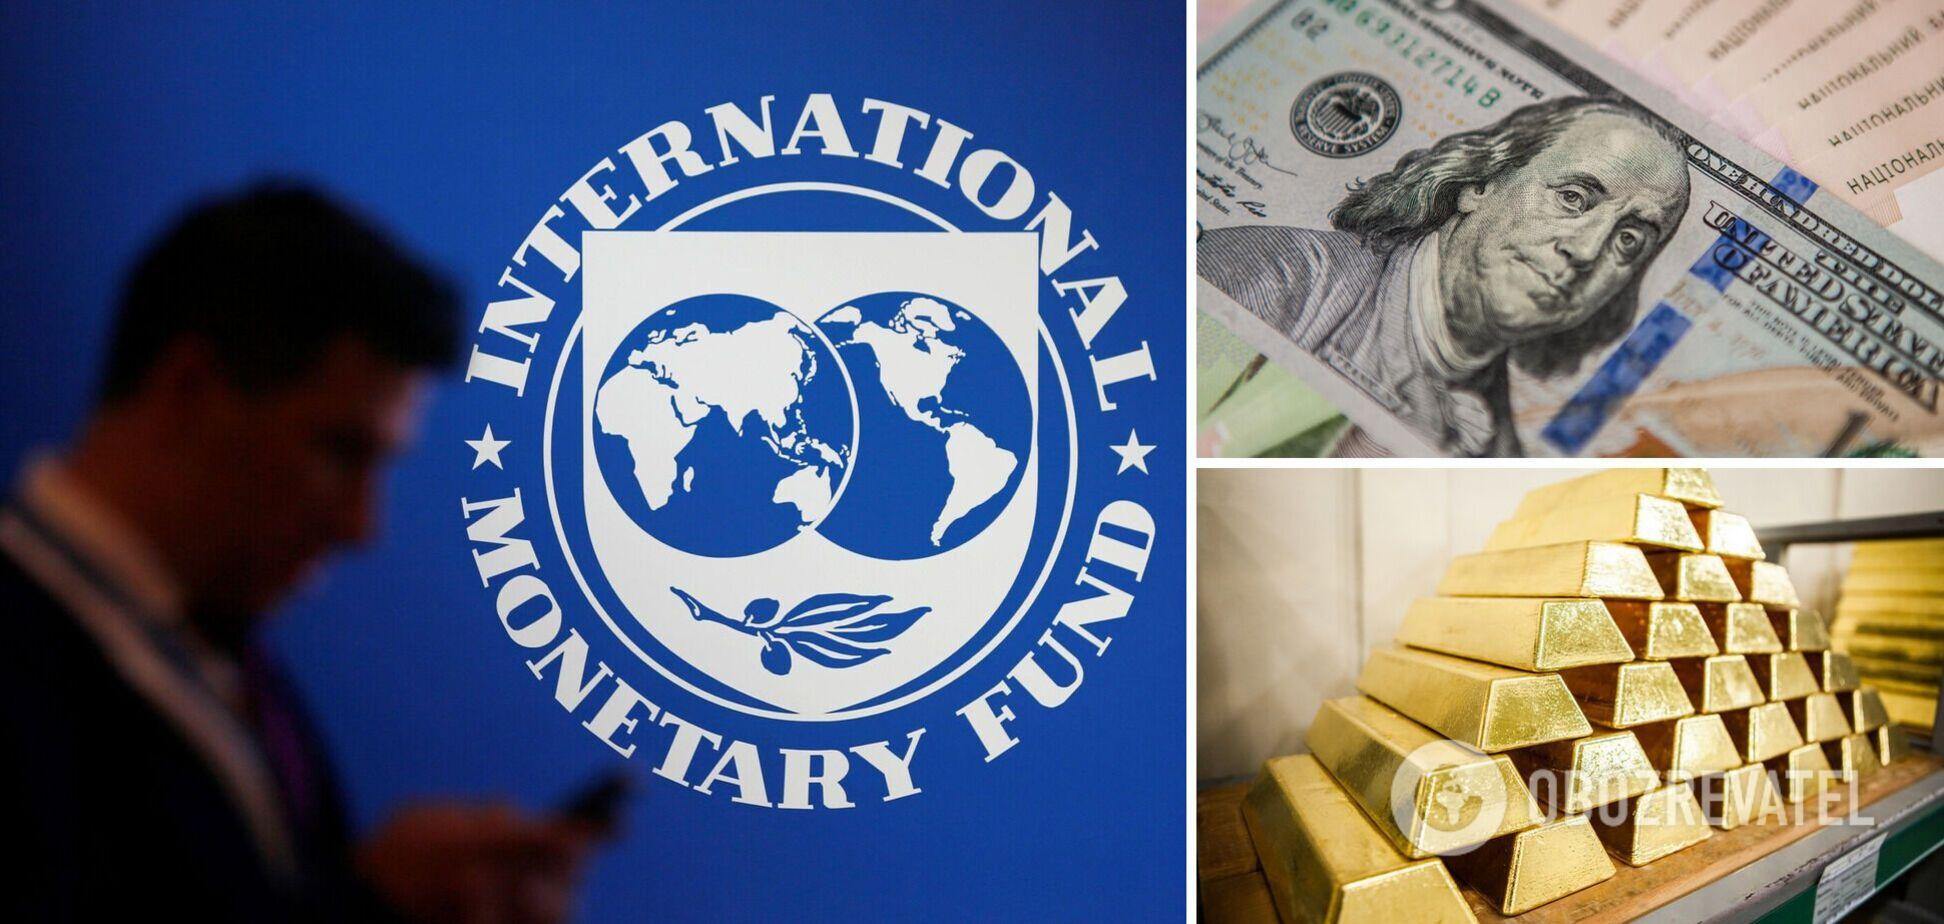 Допоміг МВФ: Україна збільшила валютні резерви до рекорду за 9 років